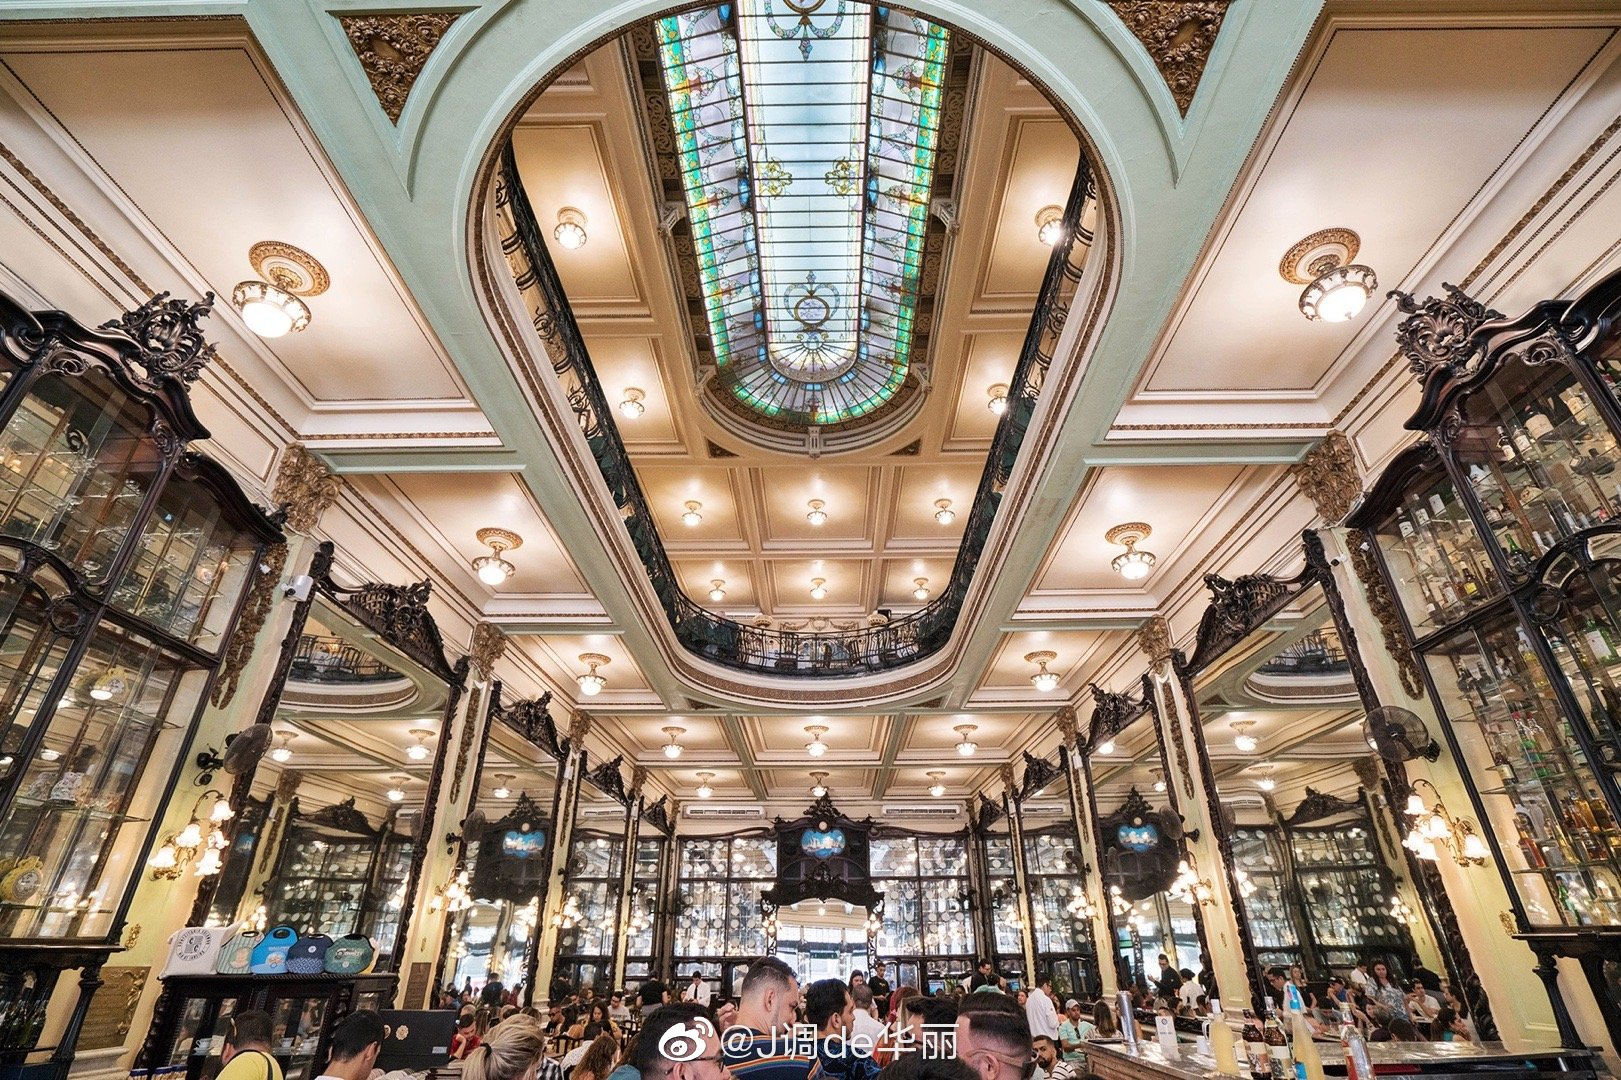 巴西旅行 | 打卡里约百年网红下午茶餐厅Confeitaria Colombo建于1